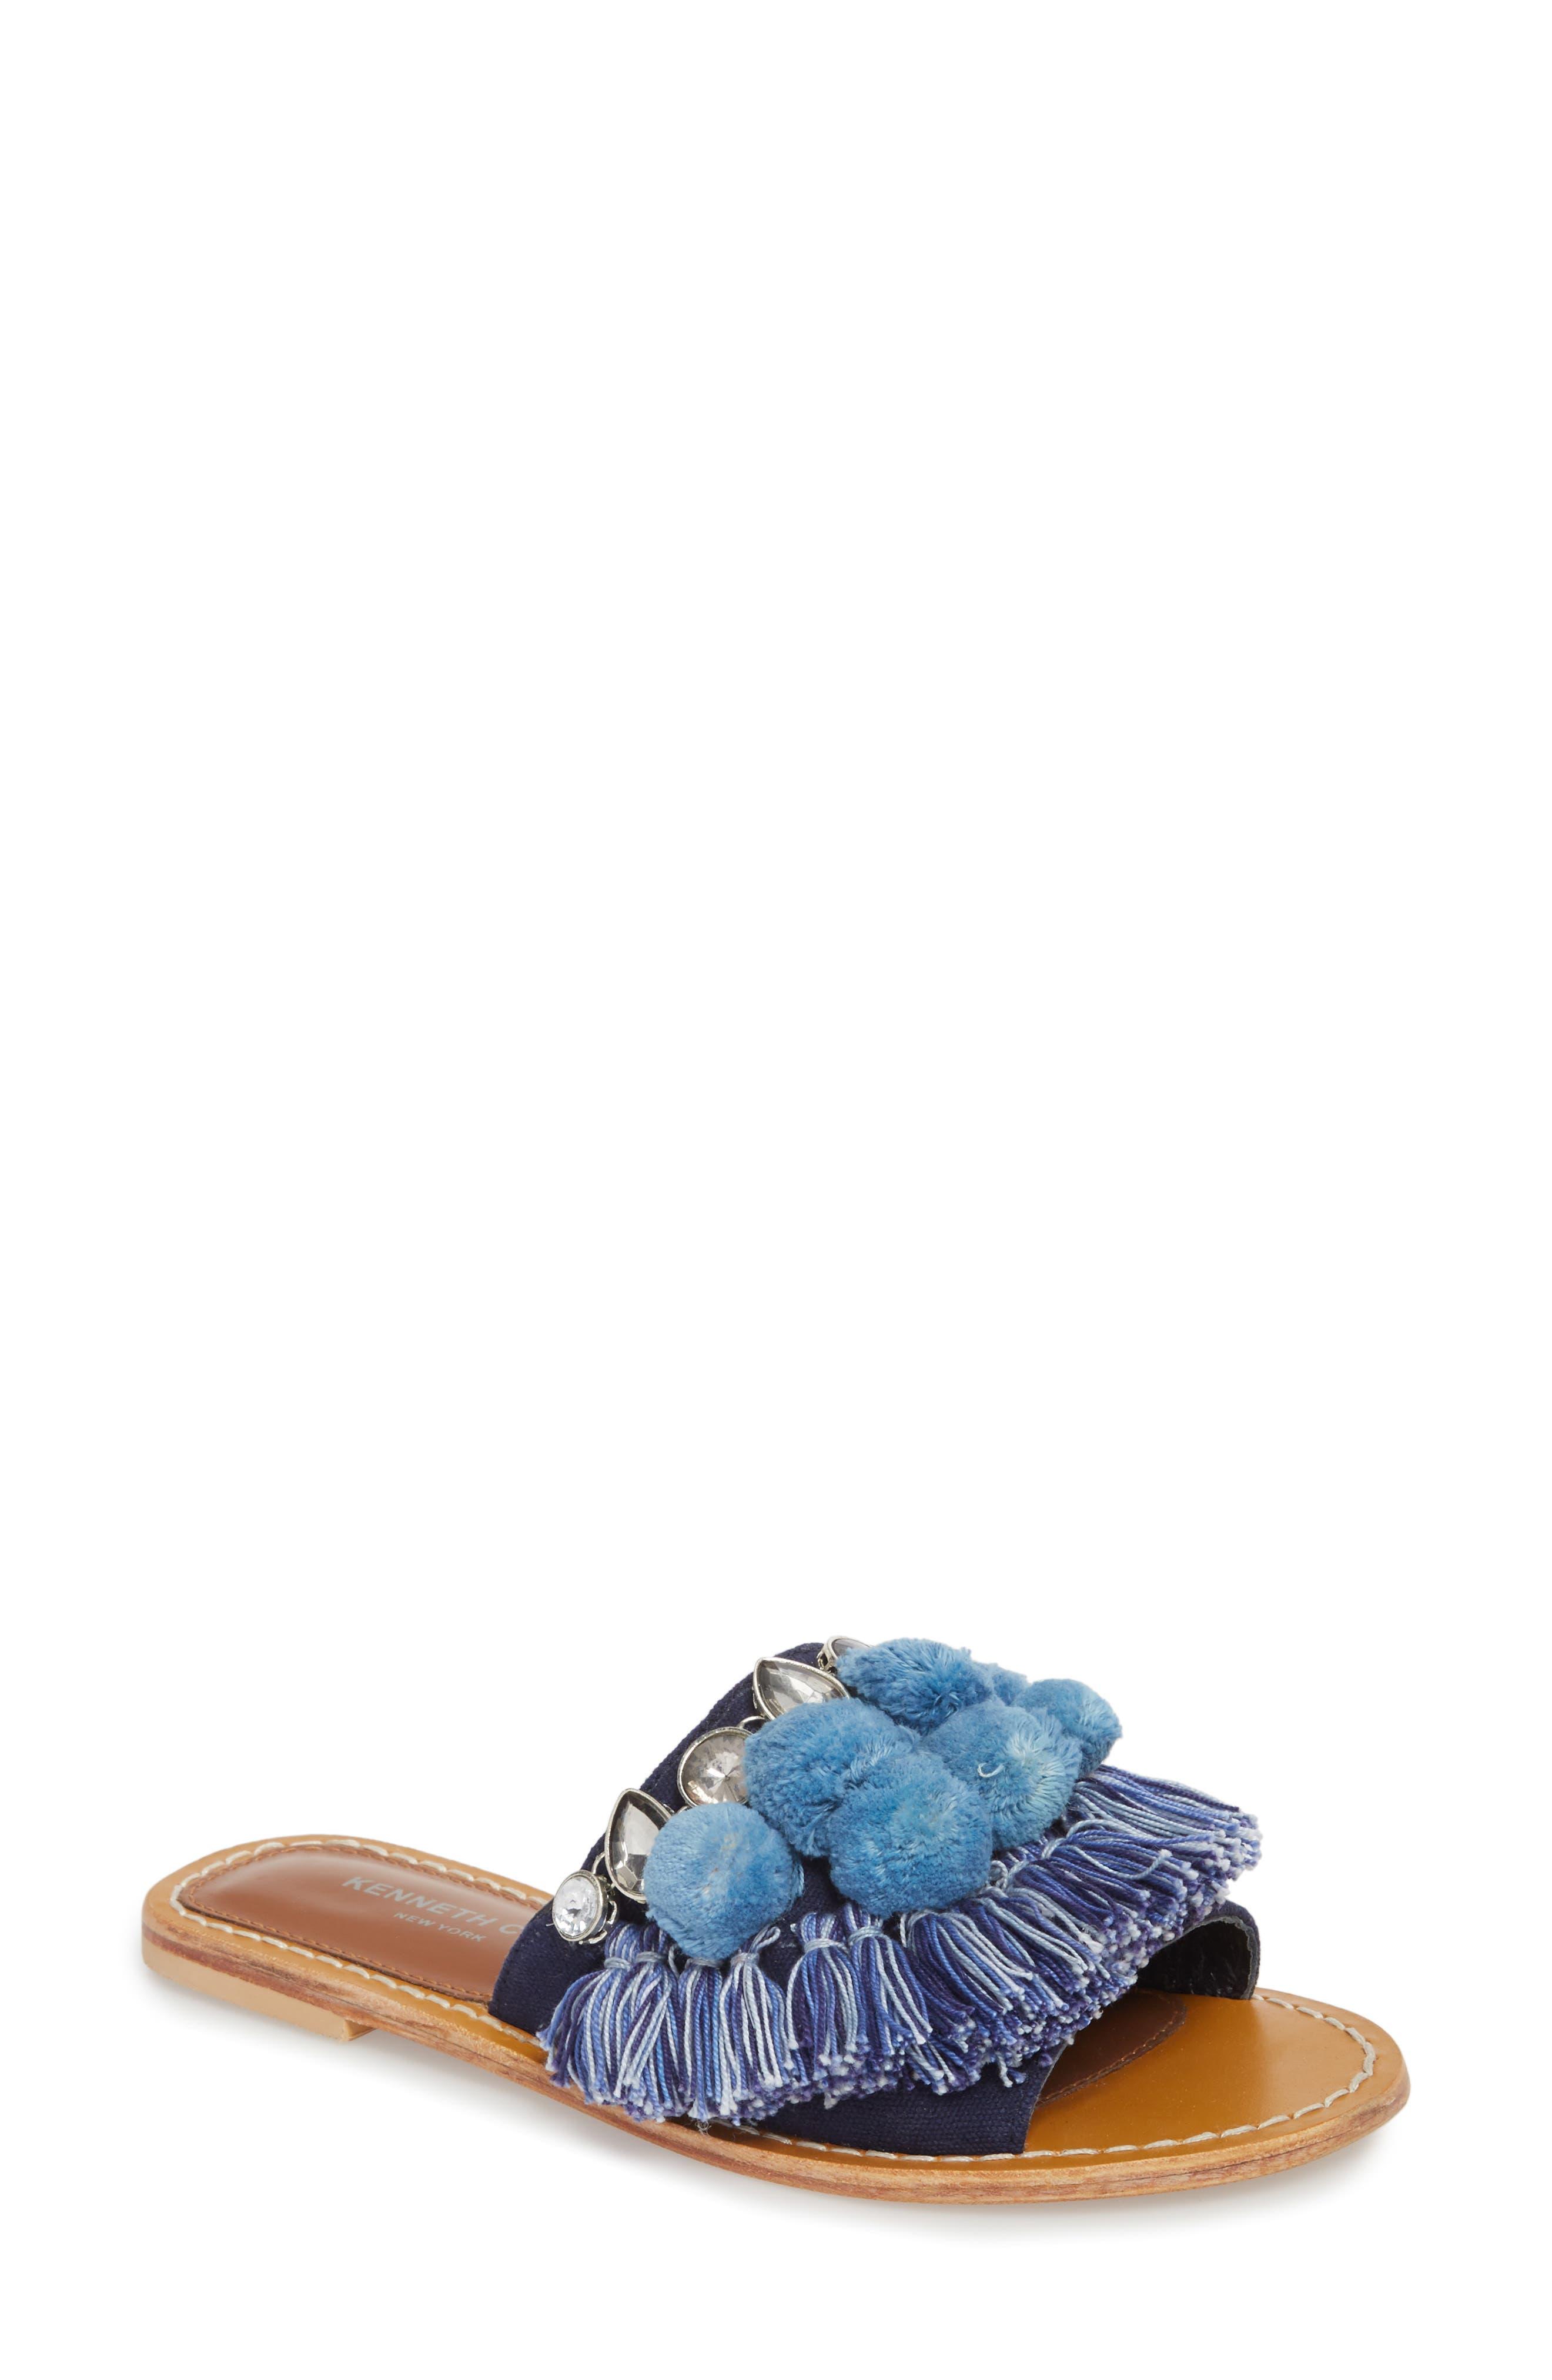 Kenneth Cole New York Women's Osmond Slide Sandal D6a4lxumwB